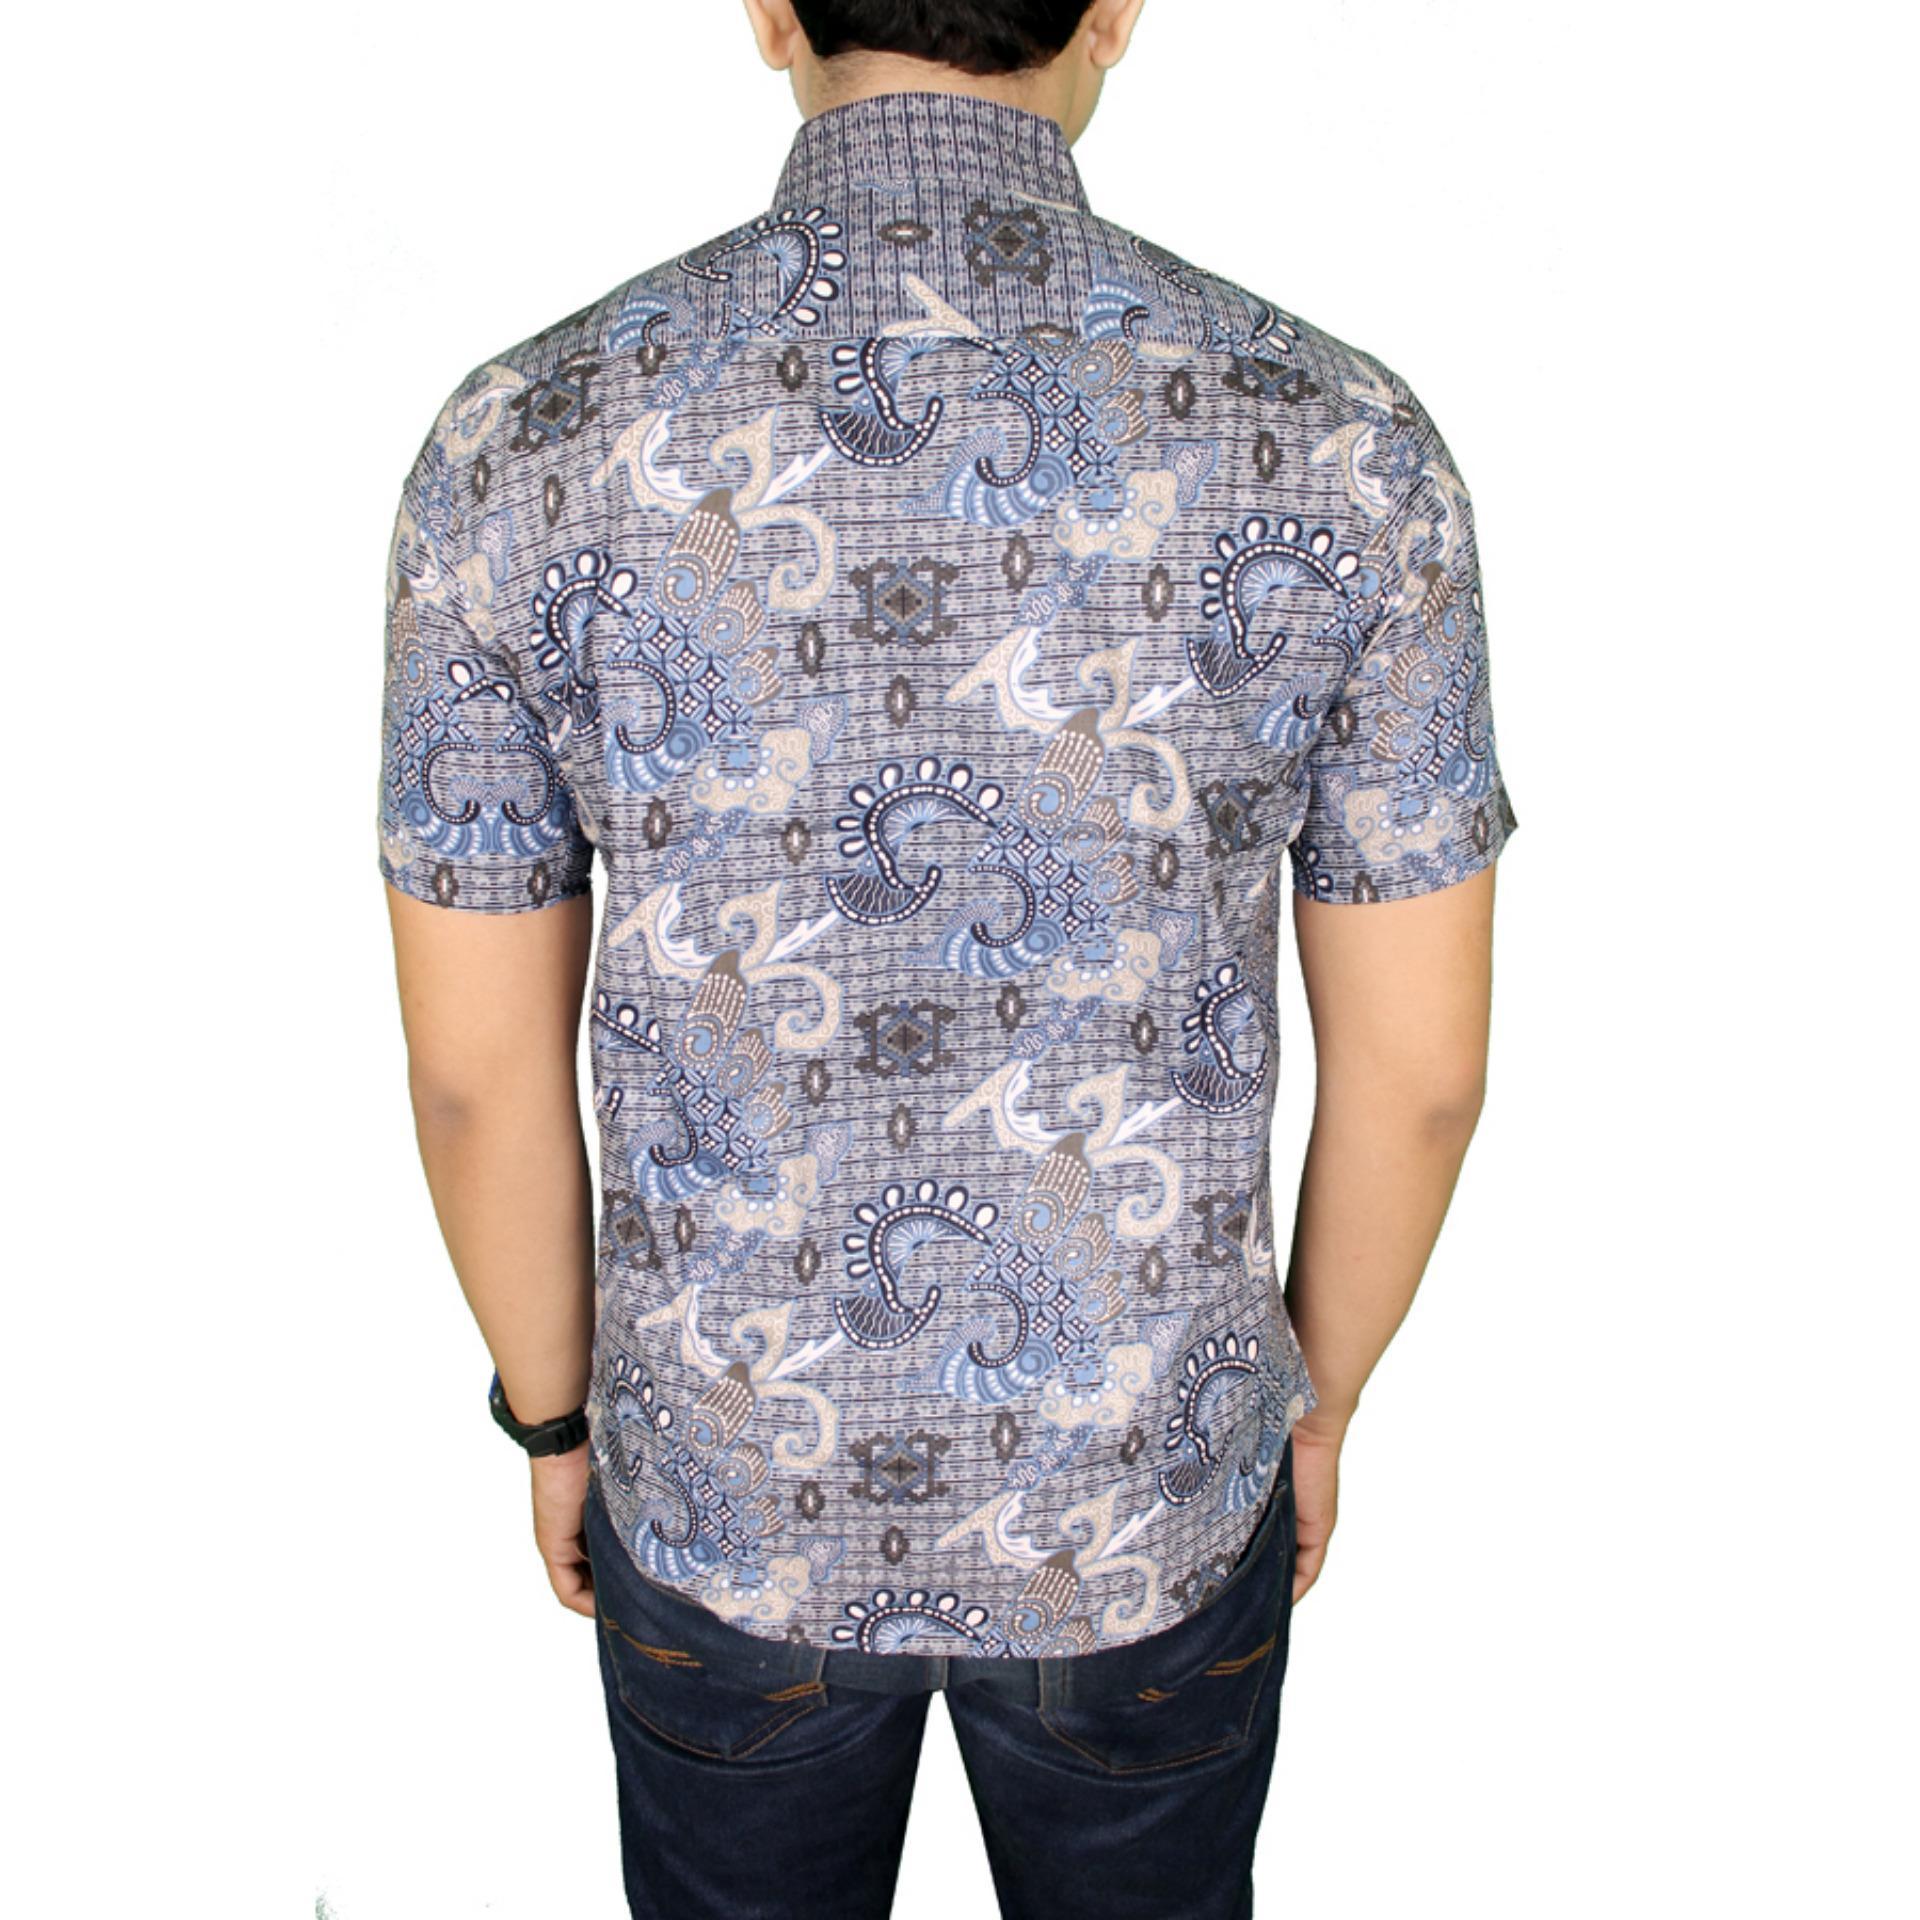 Gudang Fashion Baju Batik Pria Slim Fit Biru4 Daftar Harga Terkini Agrapana Kemeja Cap Gradasi Dewari Hijau 4 Tua M Biru Muda